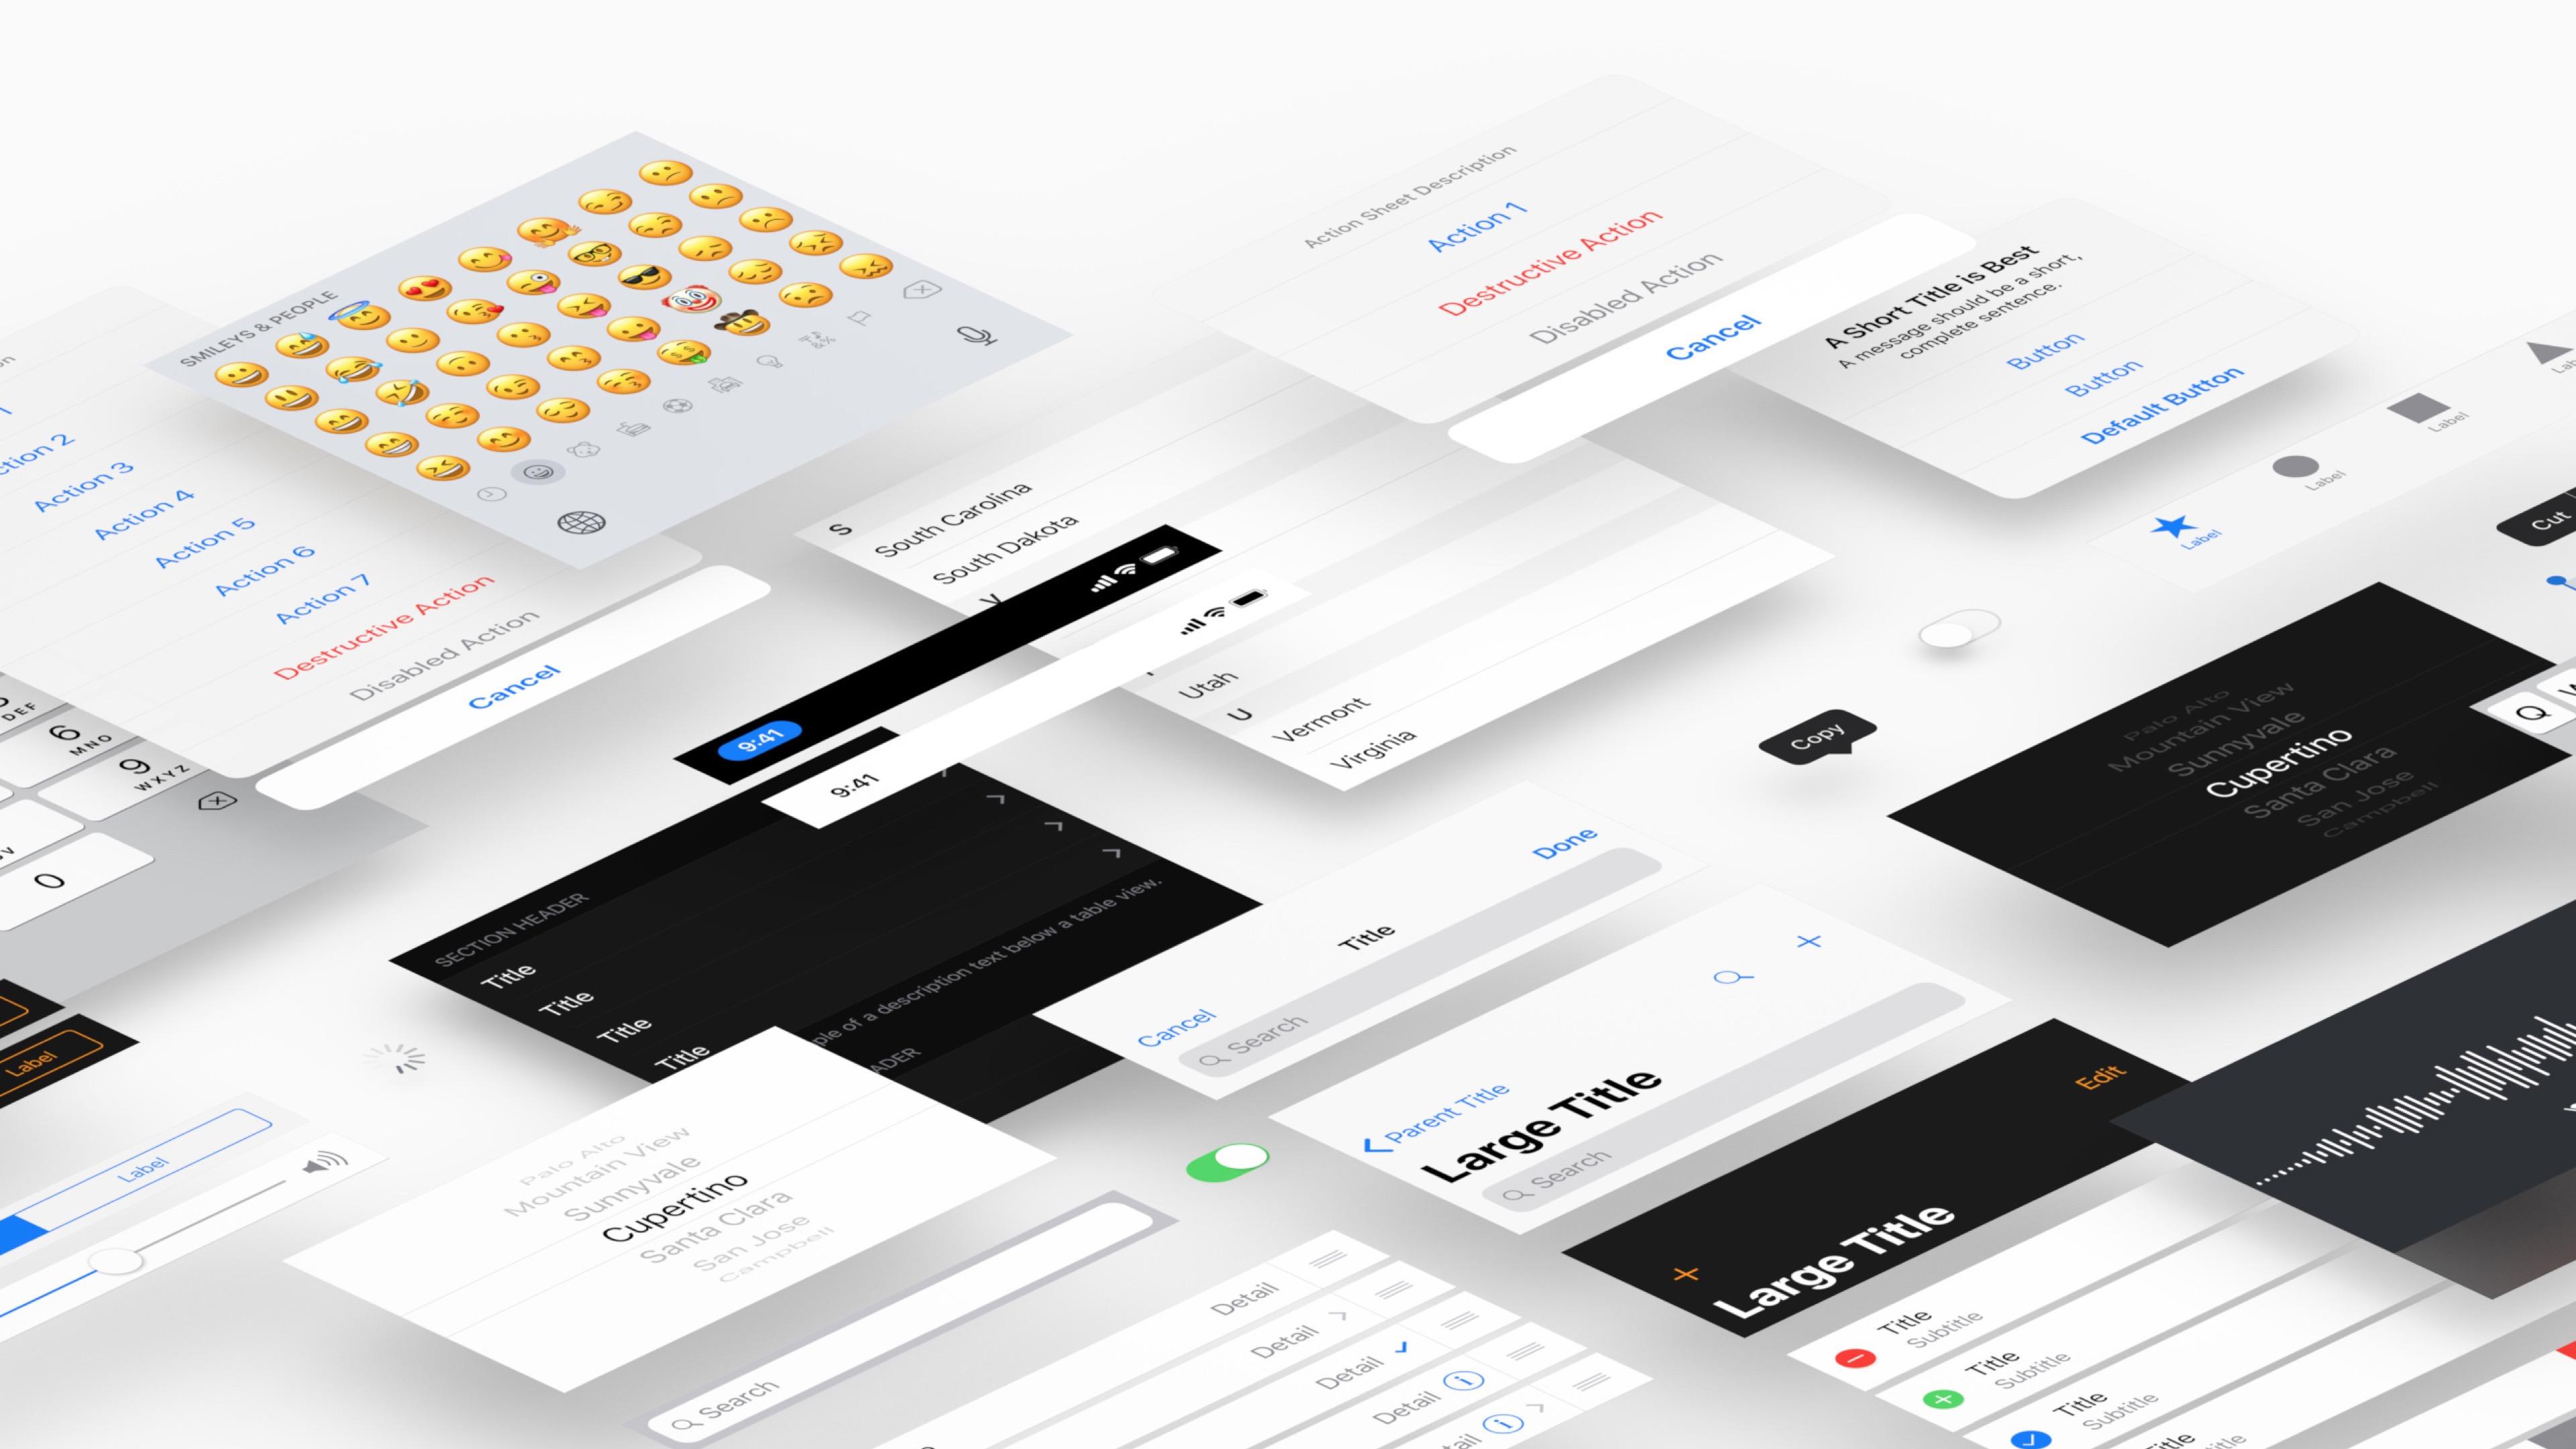 Apple updates Design Resources for iOS 12, adds iPad UI ...